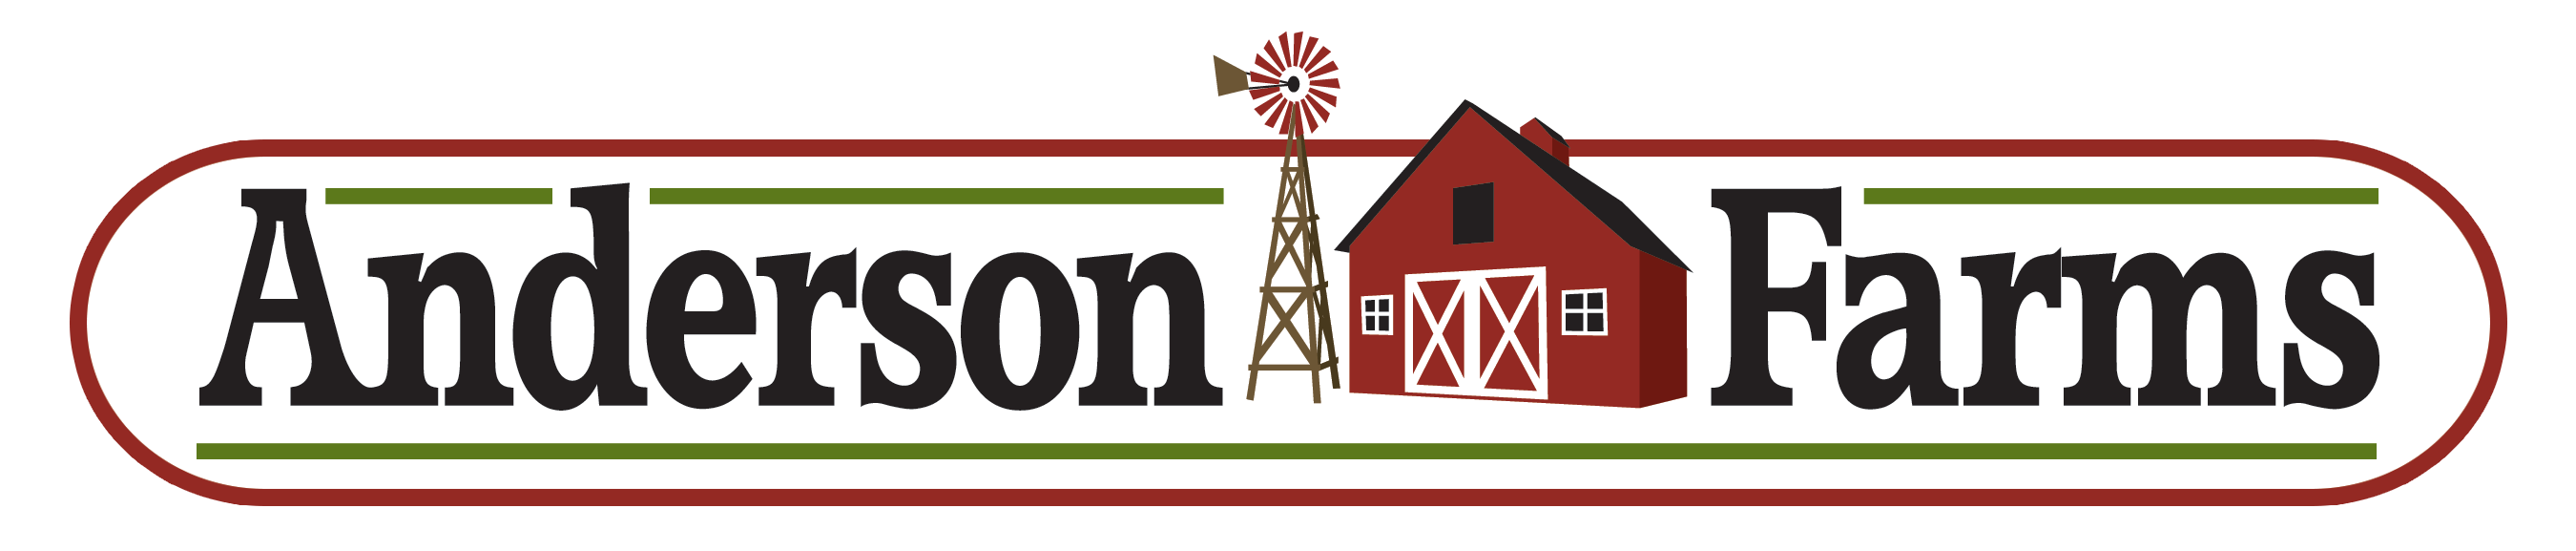 Anderson Farms Logo